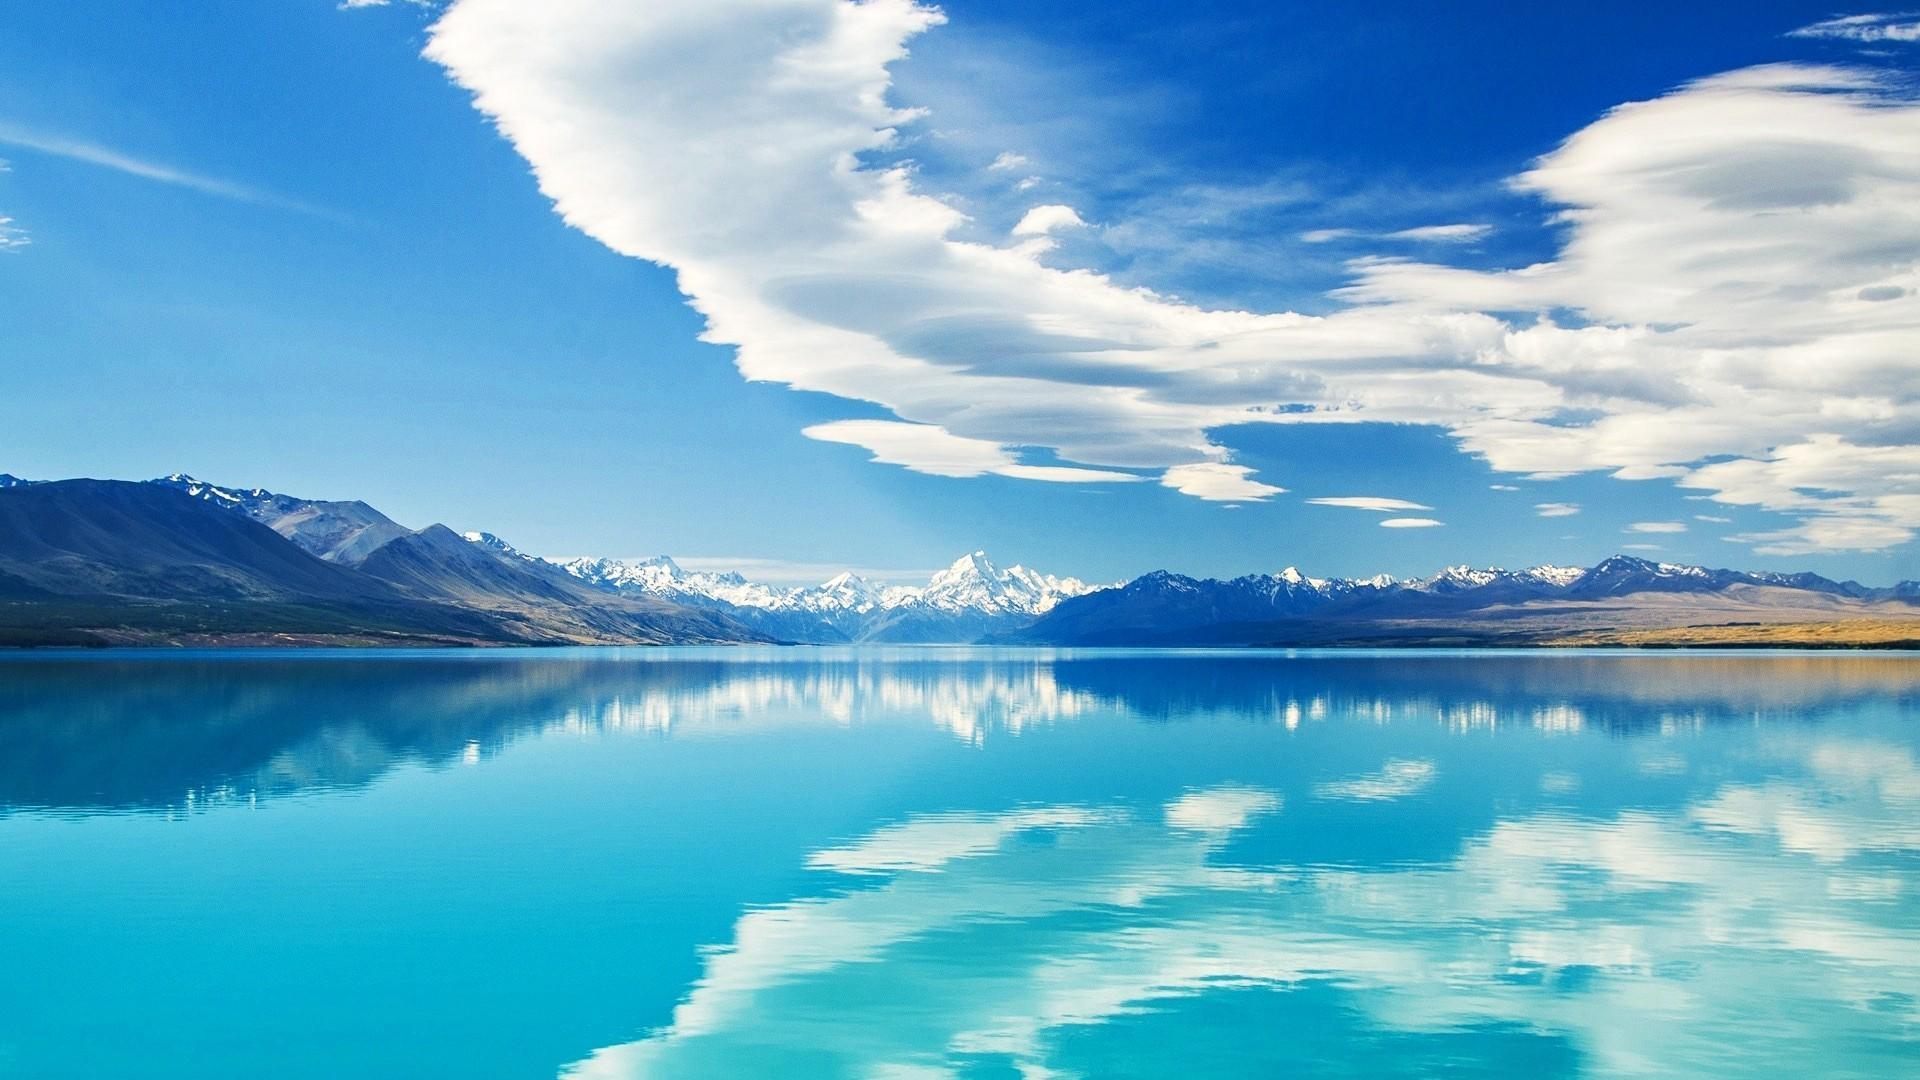 Умиротворяющие голубые воды Пукаки в Новой Зеландии.